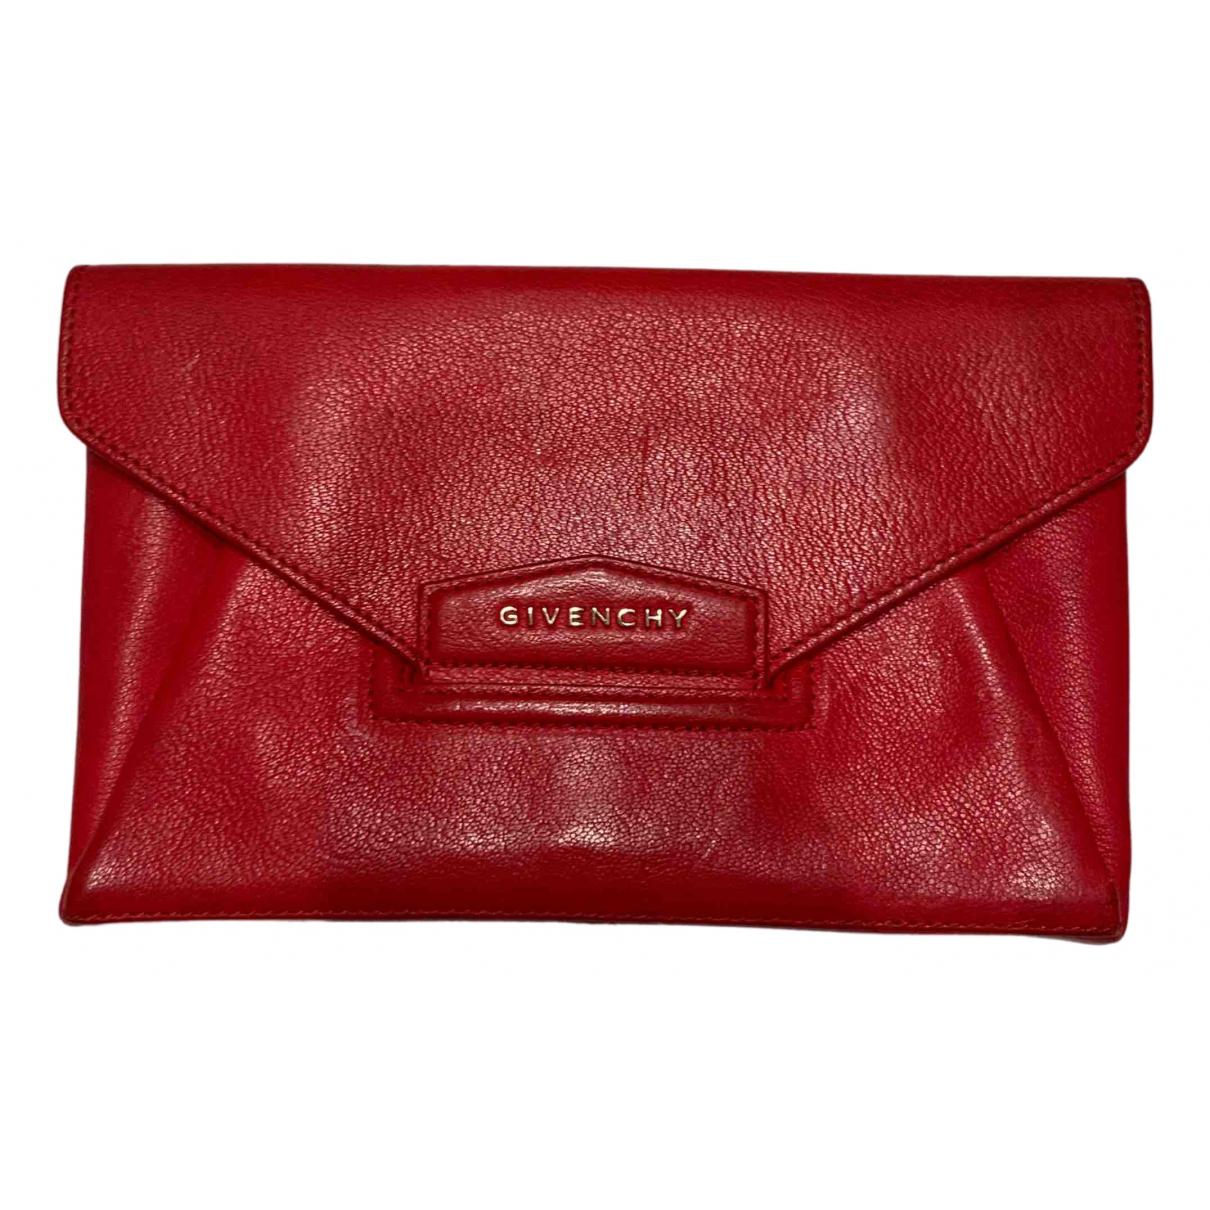 Givenchy - Pochette Antigona pour femme en cuir - rouge